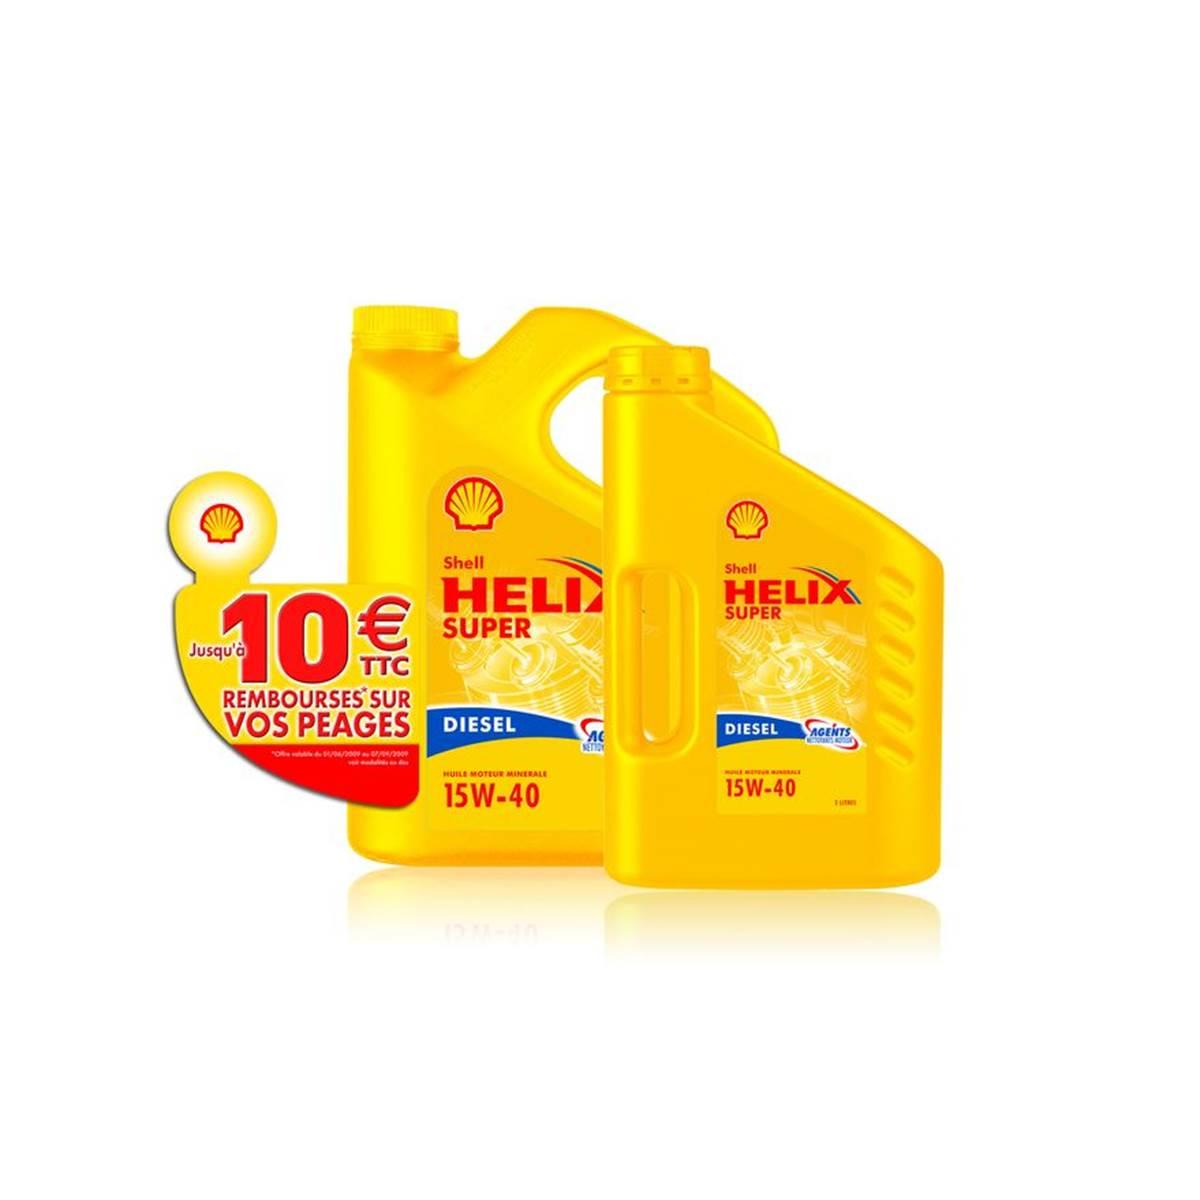 Huile Shell Helix Plus 15w40 D 5L+2L+10E péage